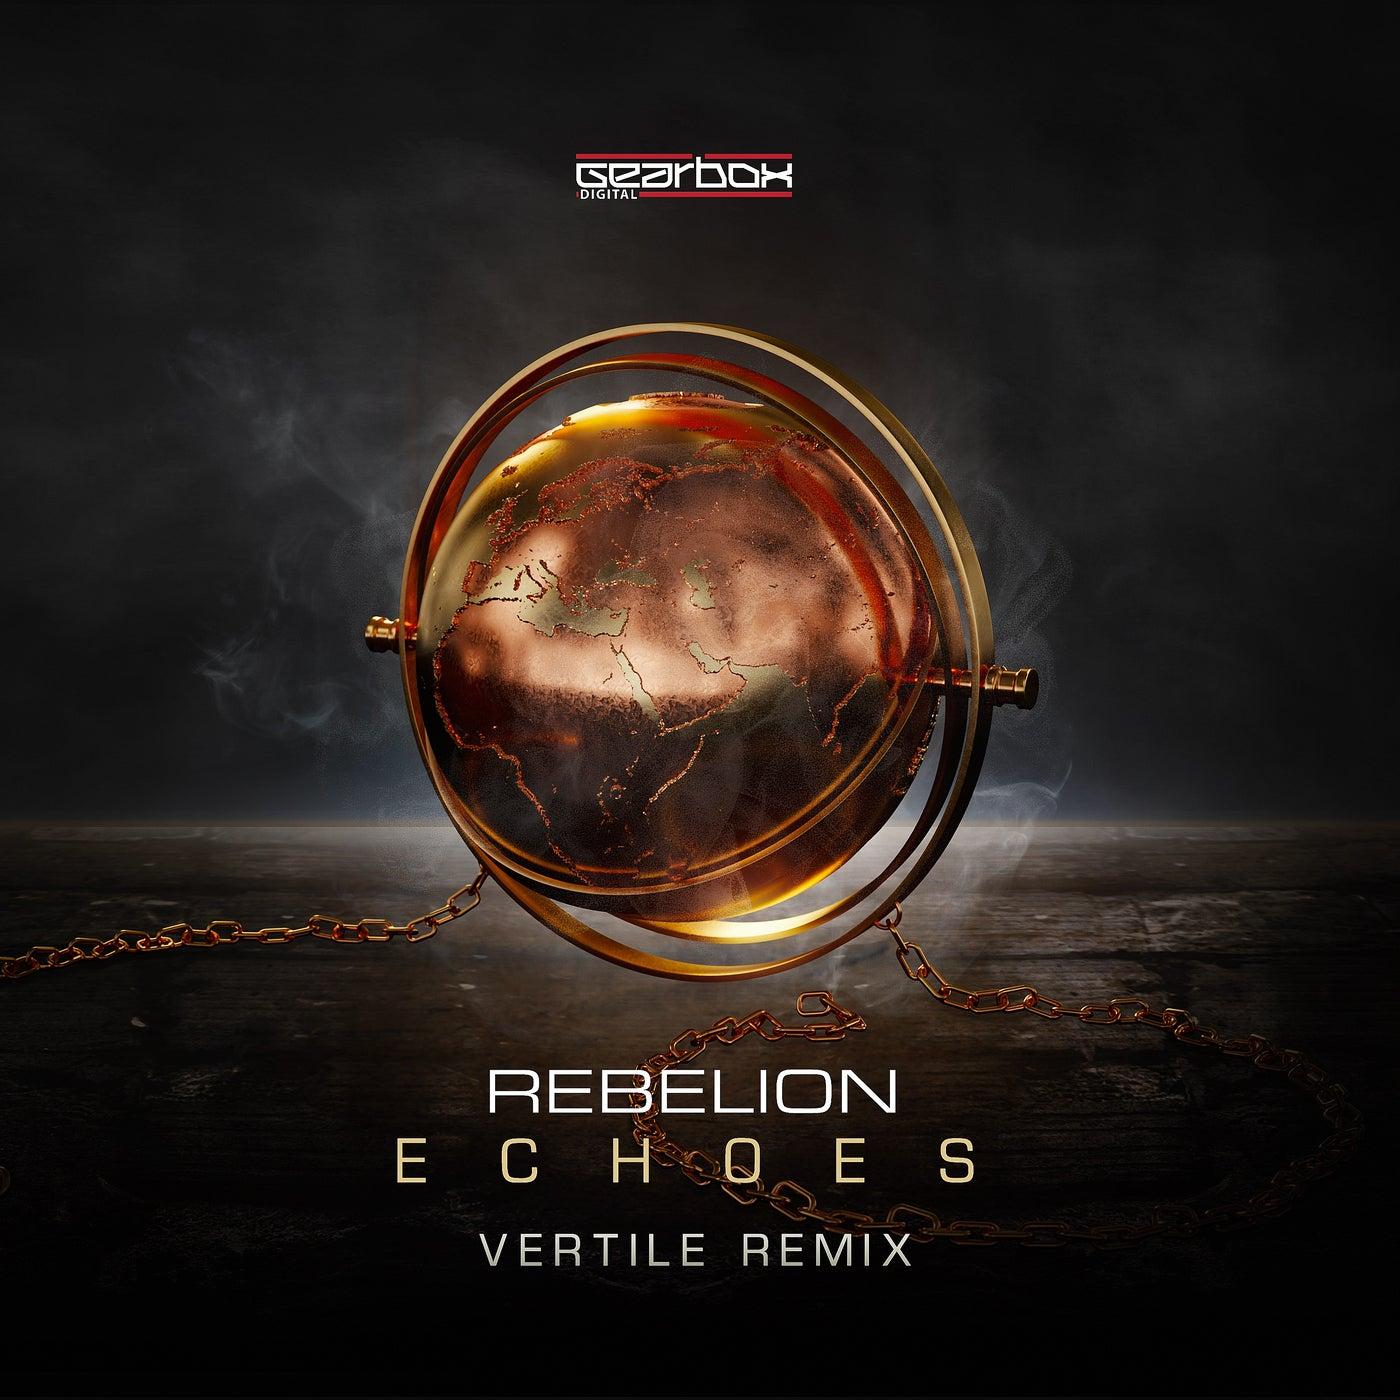 Echoes (Vertile Remix)